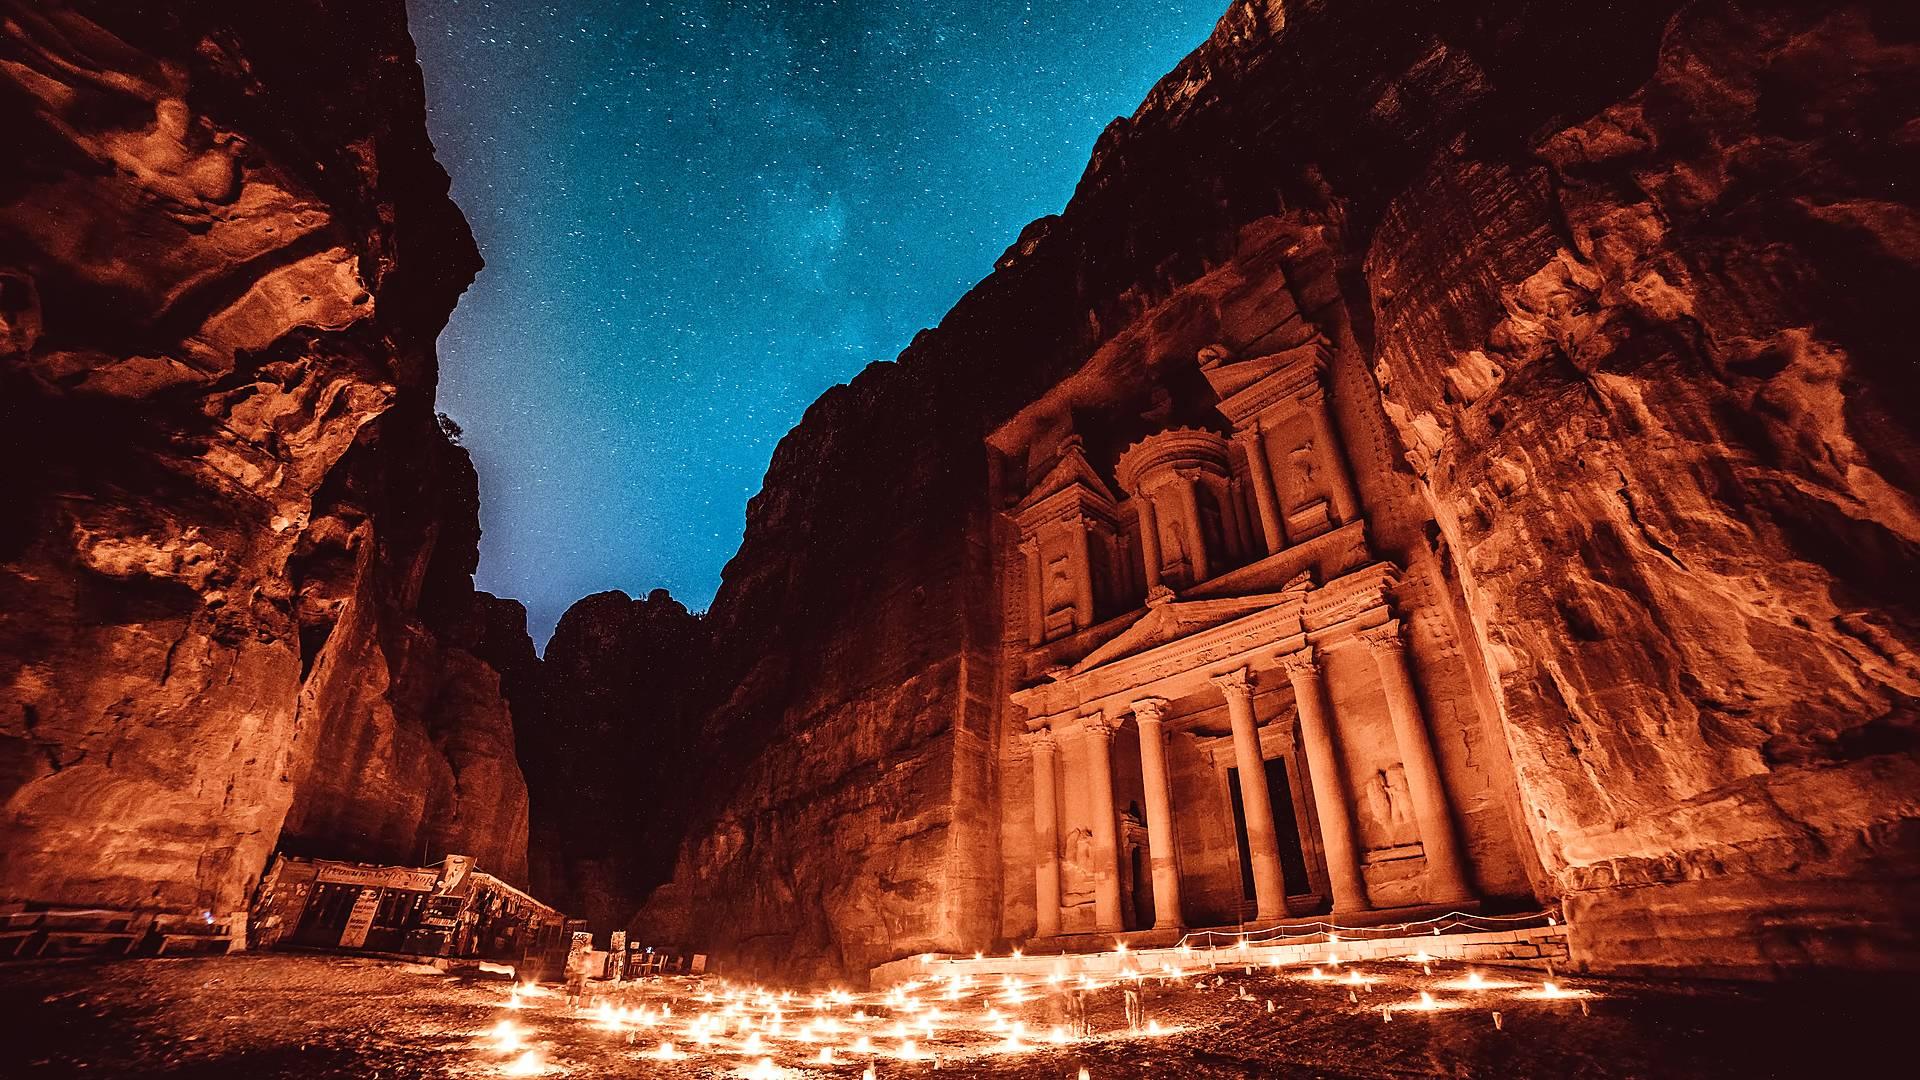 Monumentos, Desierto y el Mar Muerto